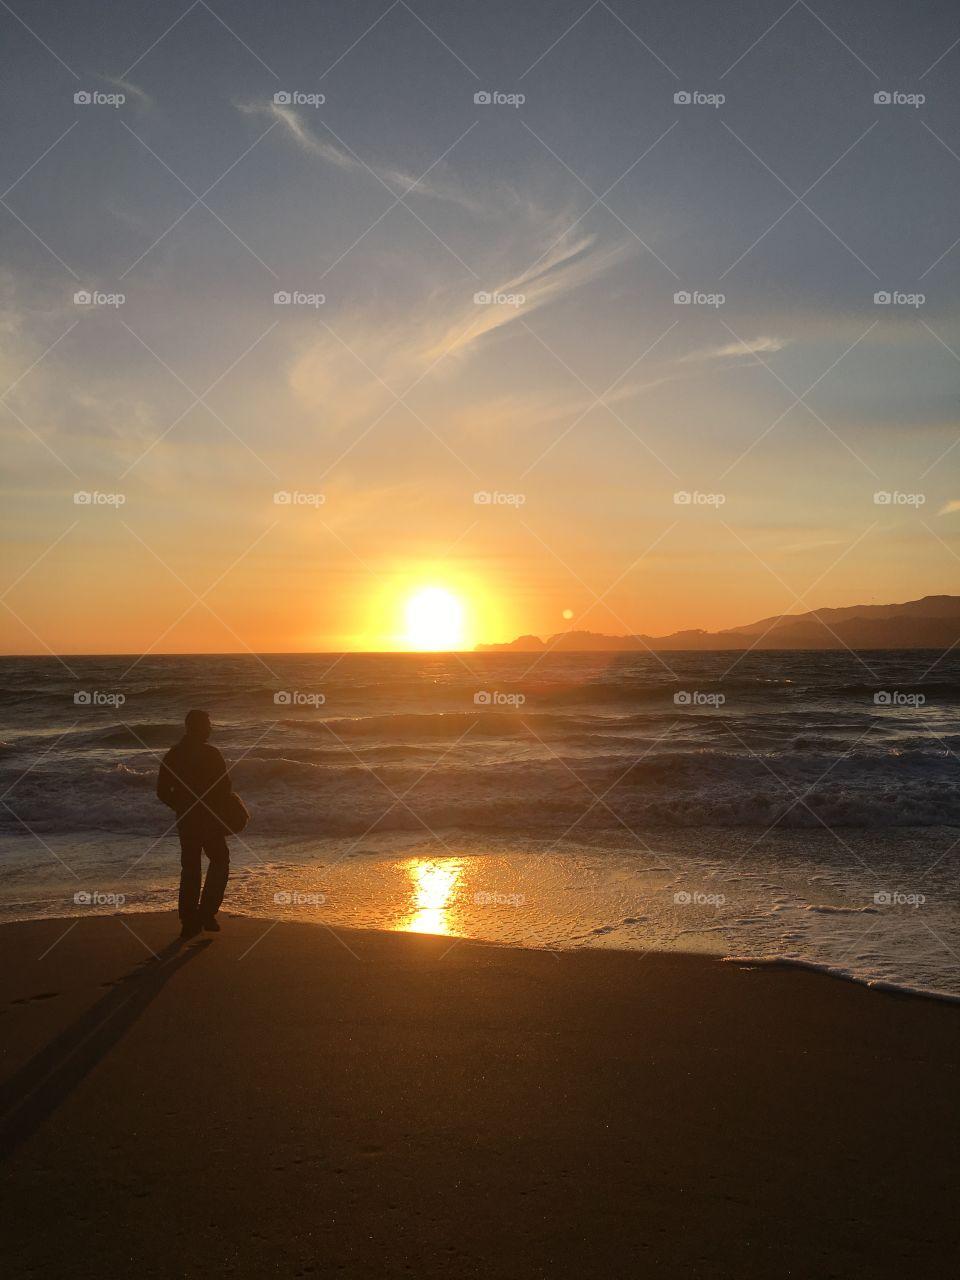 Man looking at sunrise at sea